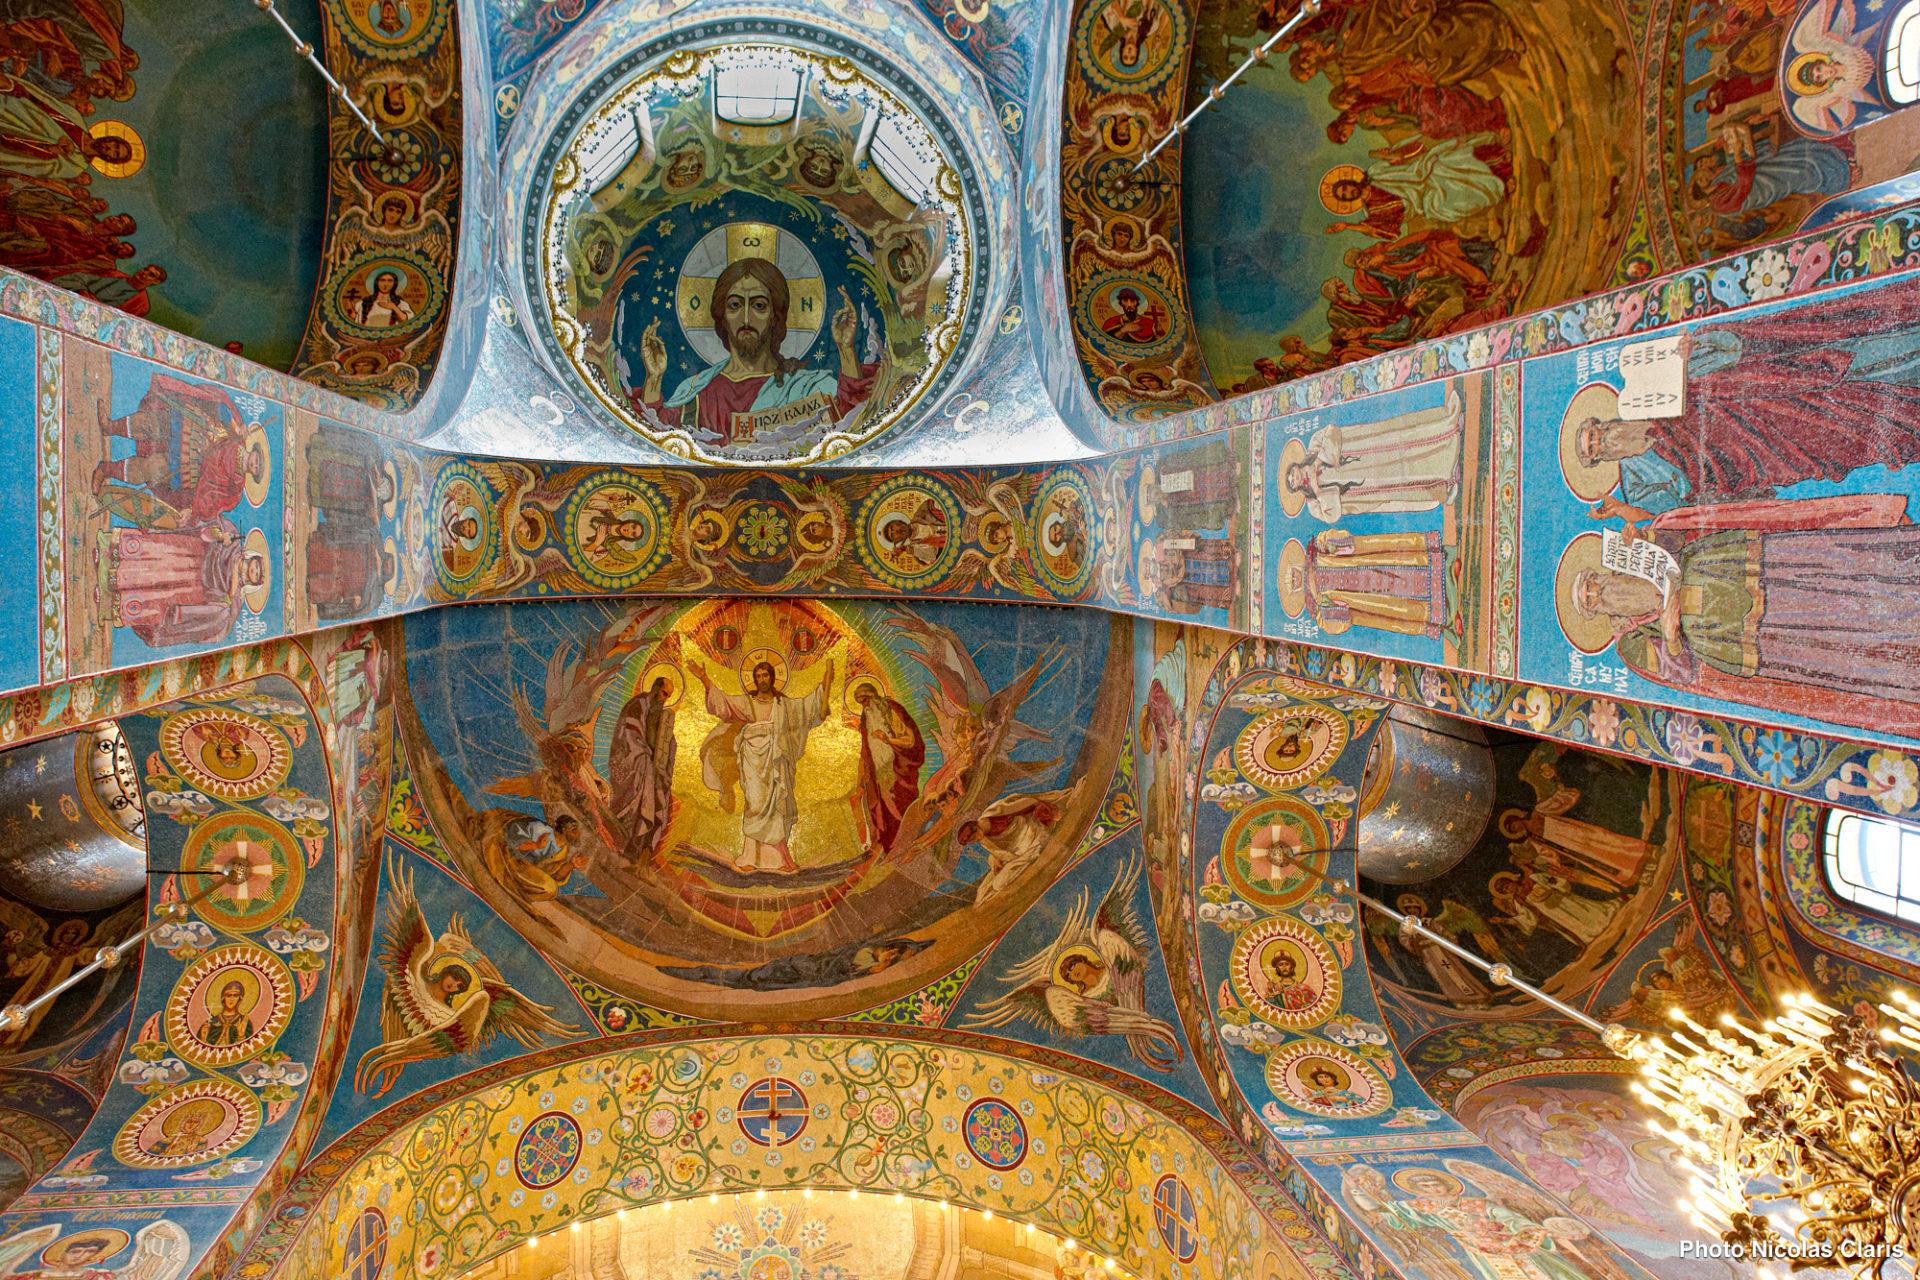 HD_Saint-Petersburg_City_45R10270